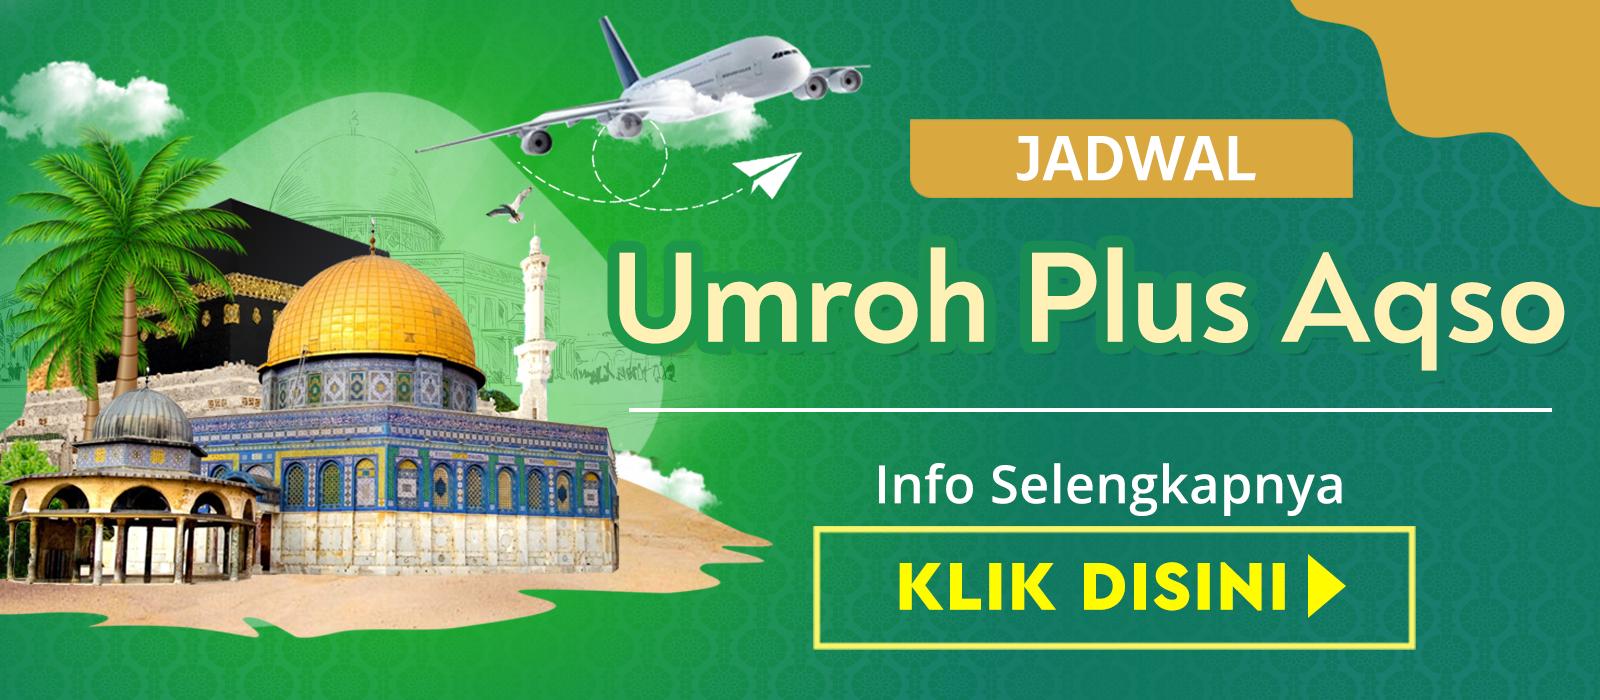 Paket Umroh Plus Aqso Petra Murah Biaya Promo Jadwal Tahun 2019 2020